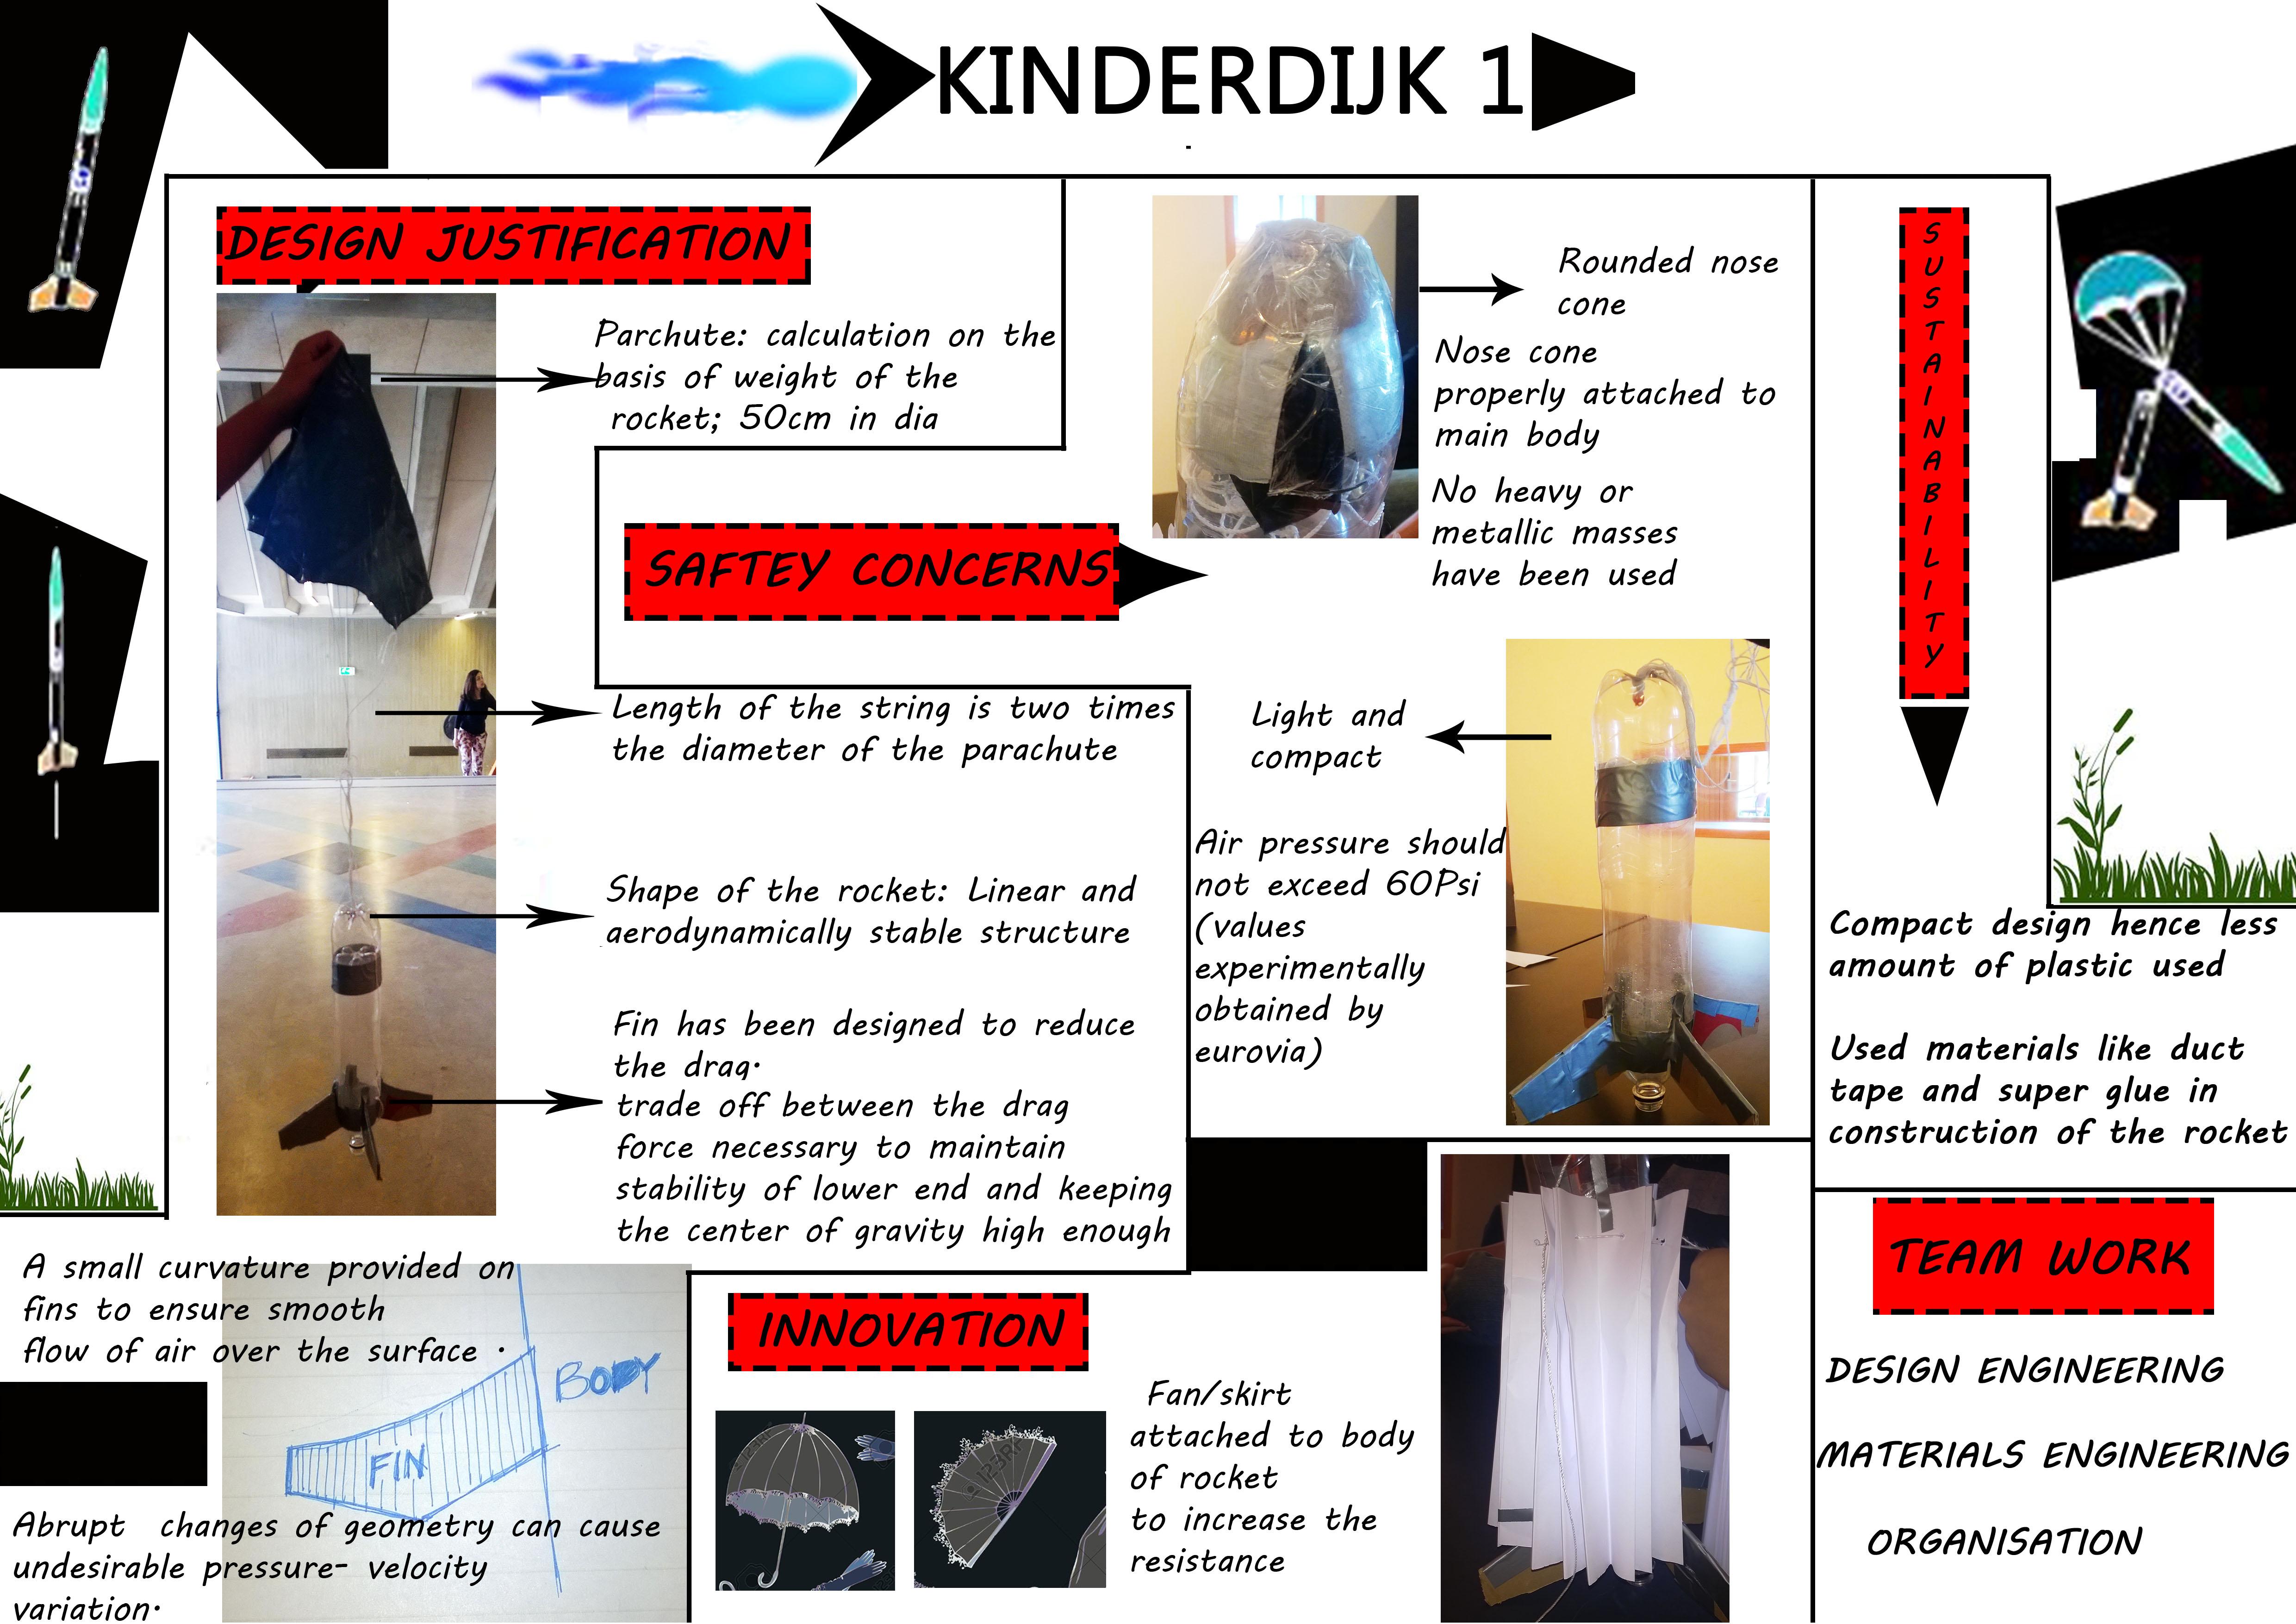 Water Rocket Competition in kinderdijk 1 :: TU Delft Beeldbank